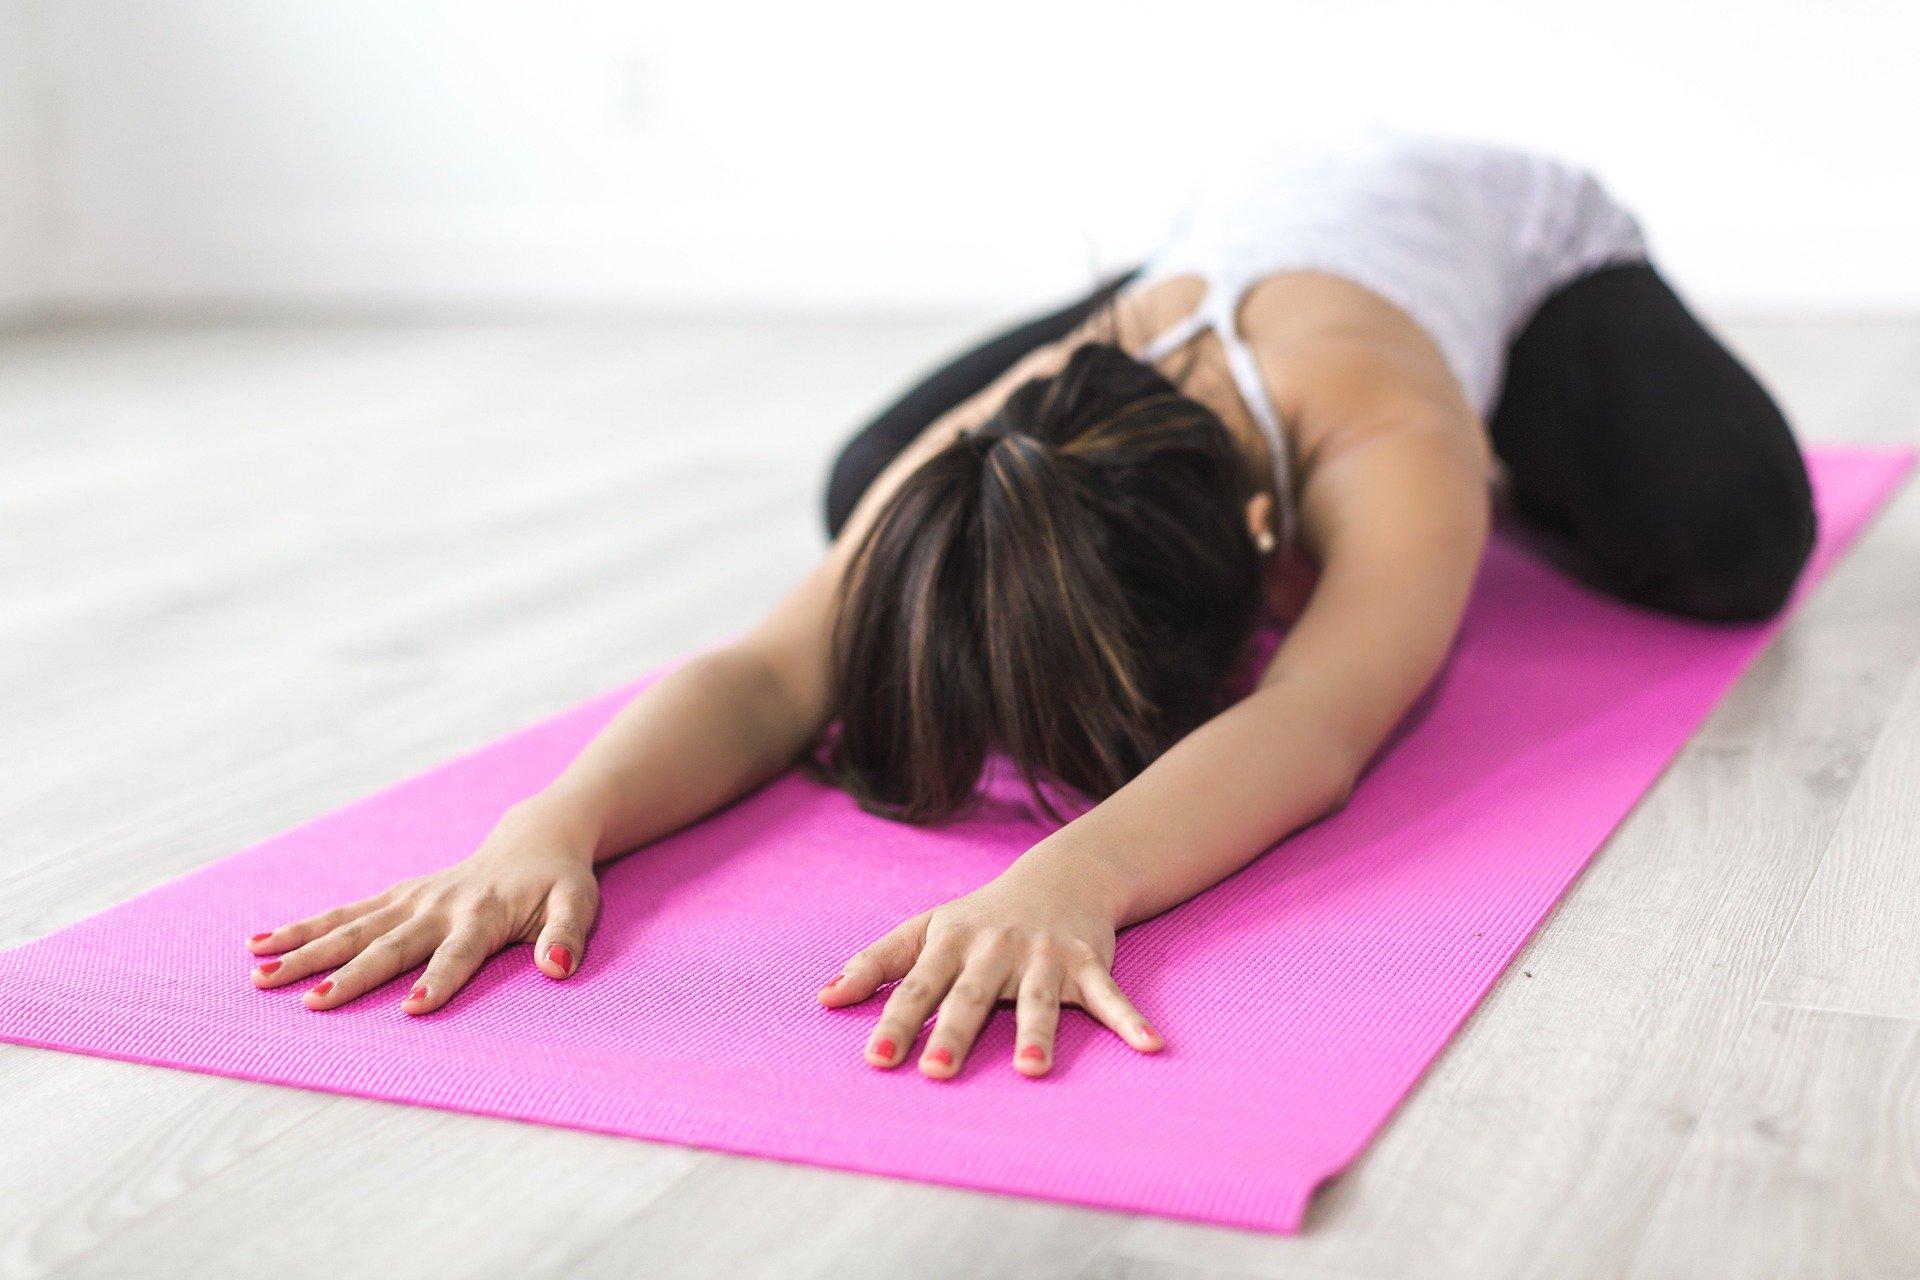 yoga_people-2573216_1920